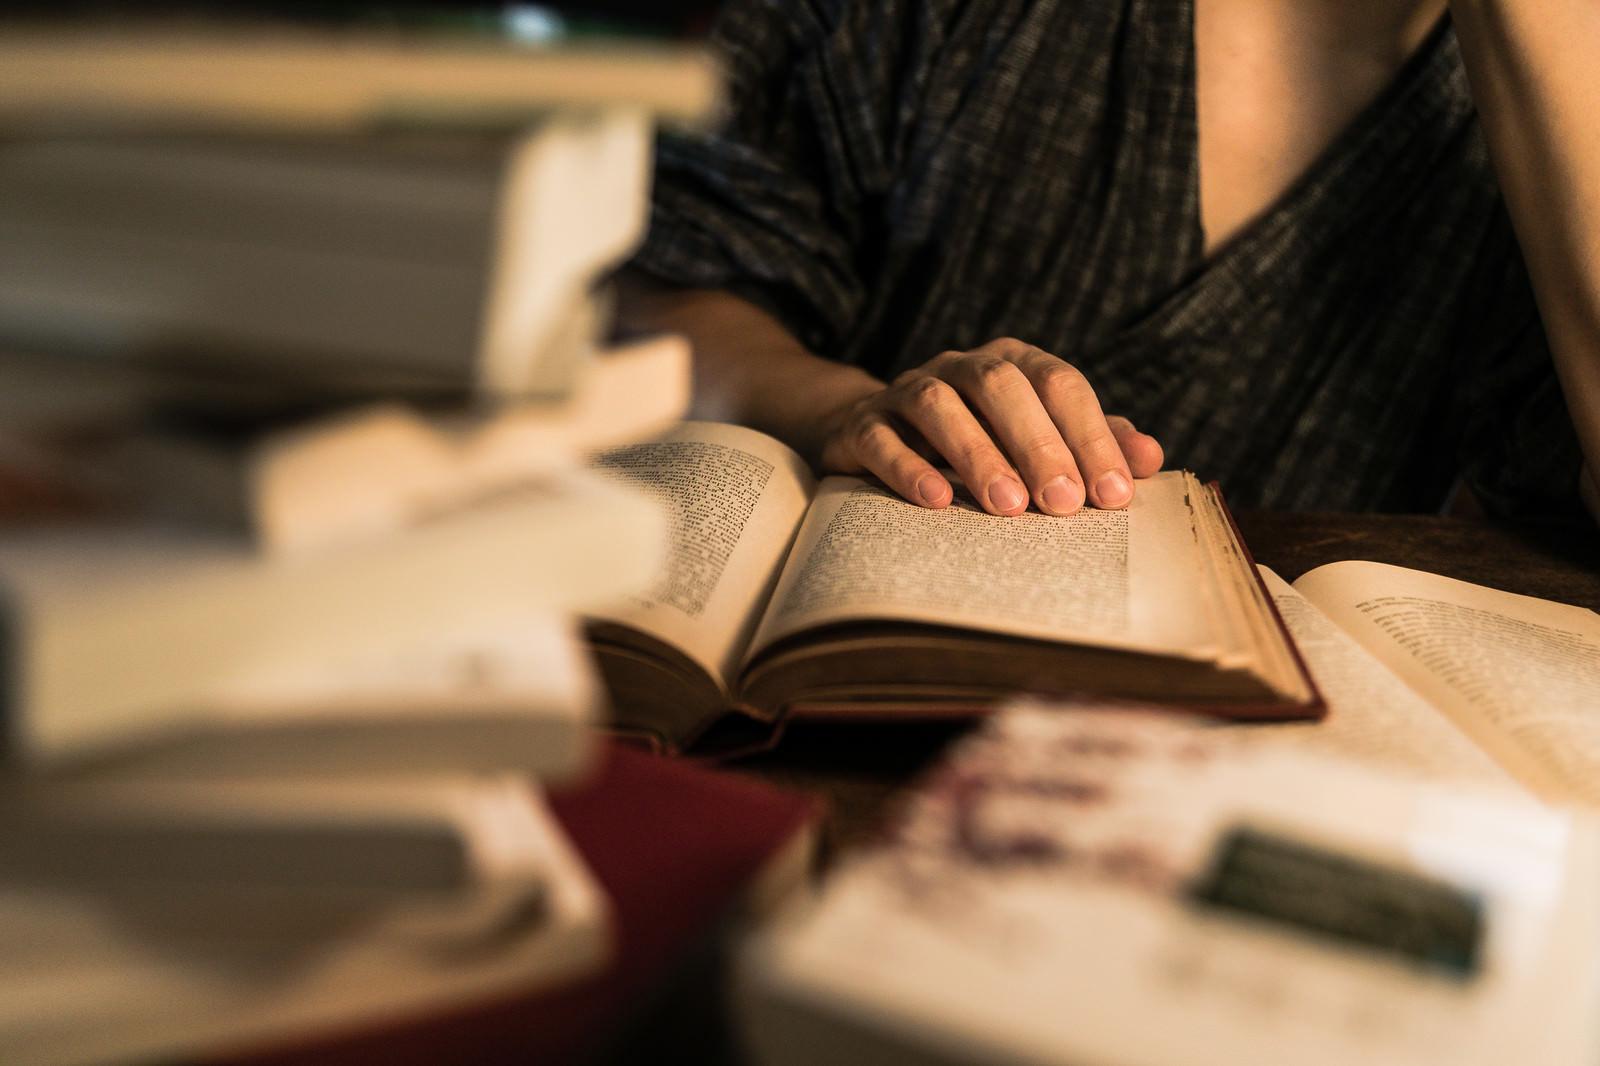 「積まれた本と、徹夜で調べものをする様子」の写真[モデル:Max_Ezaki]